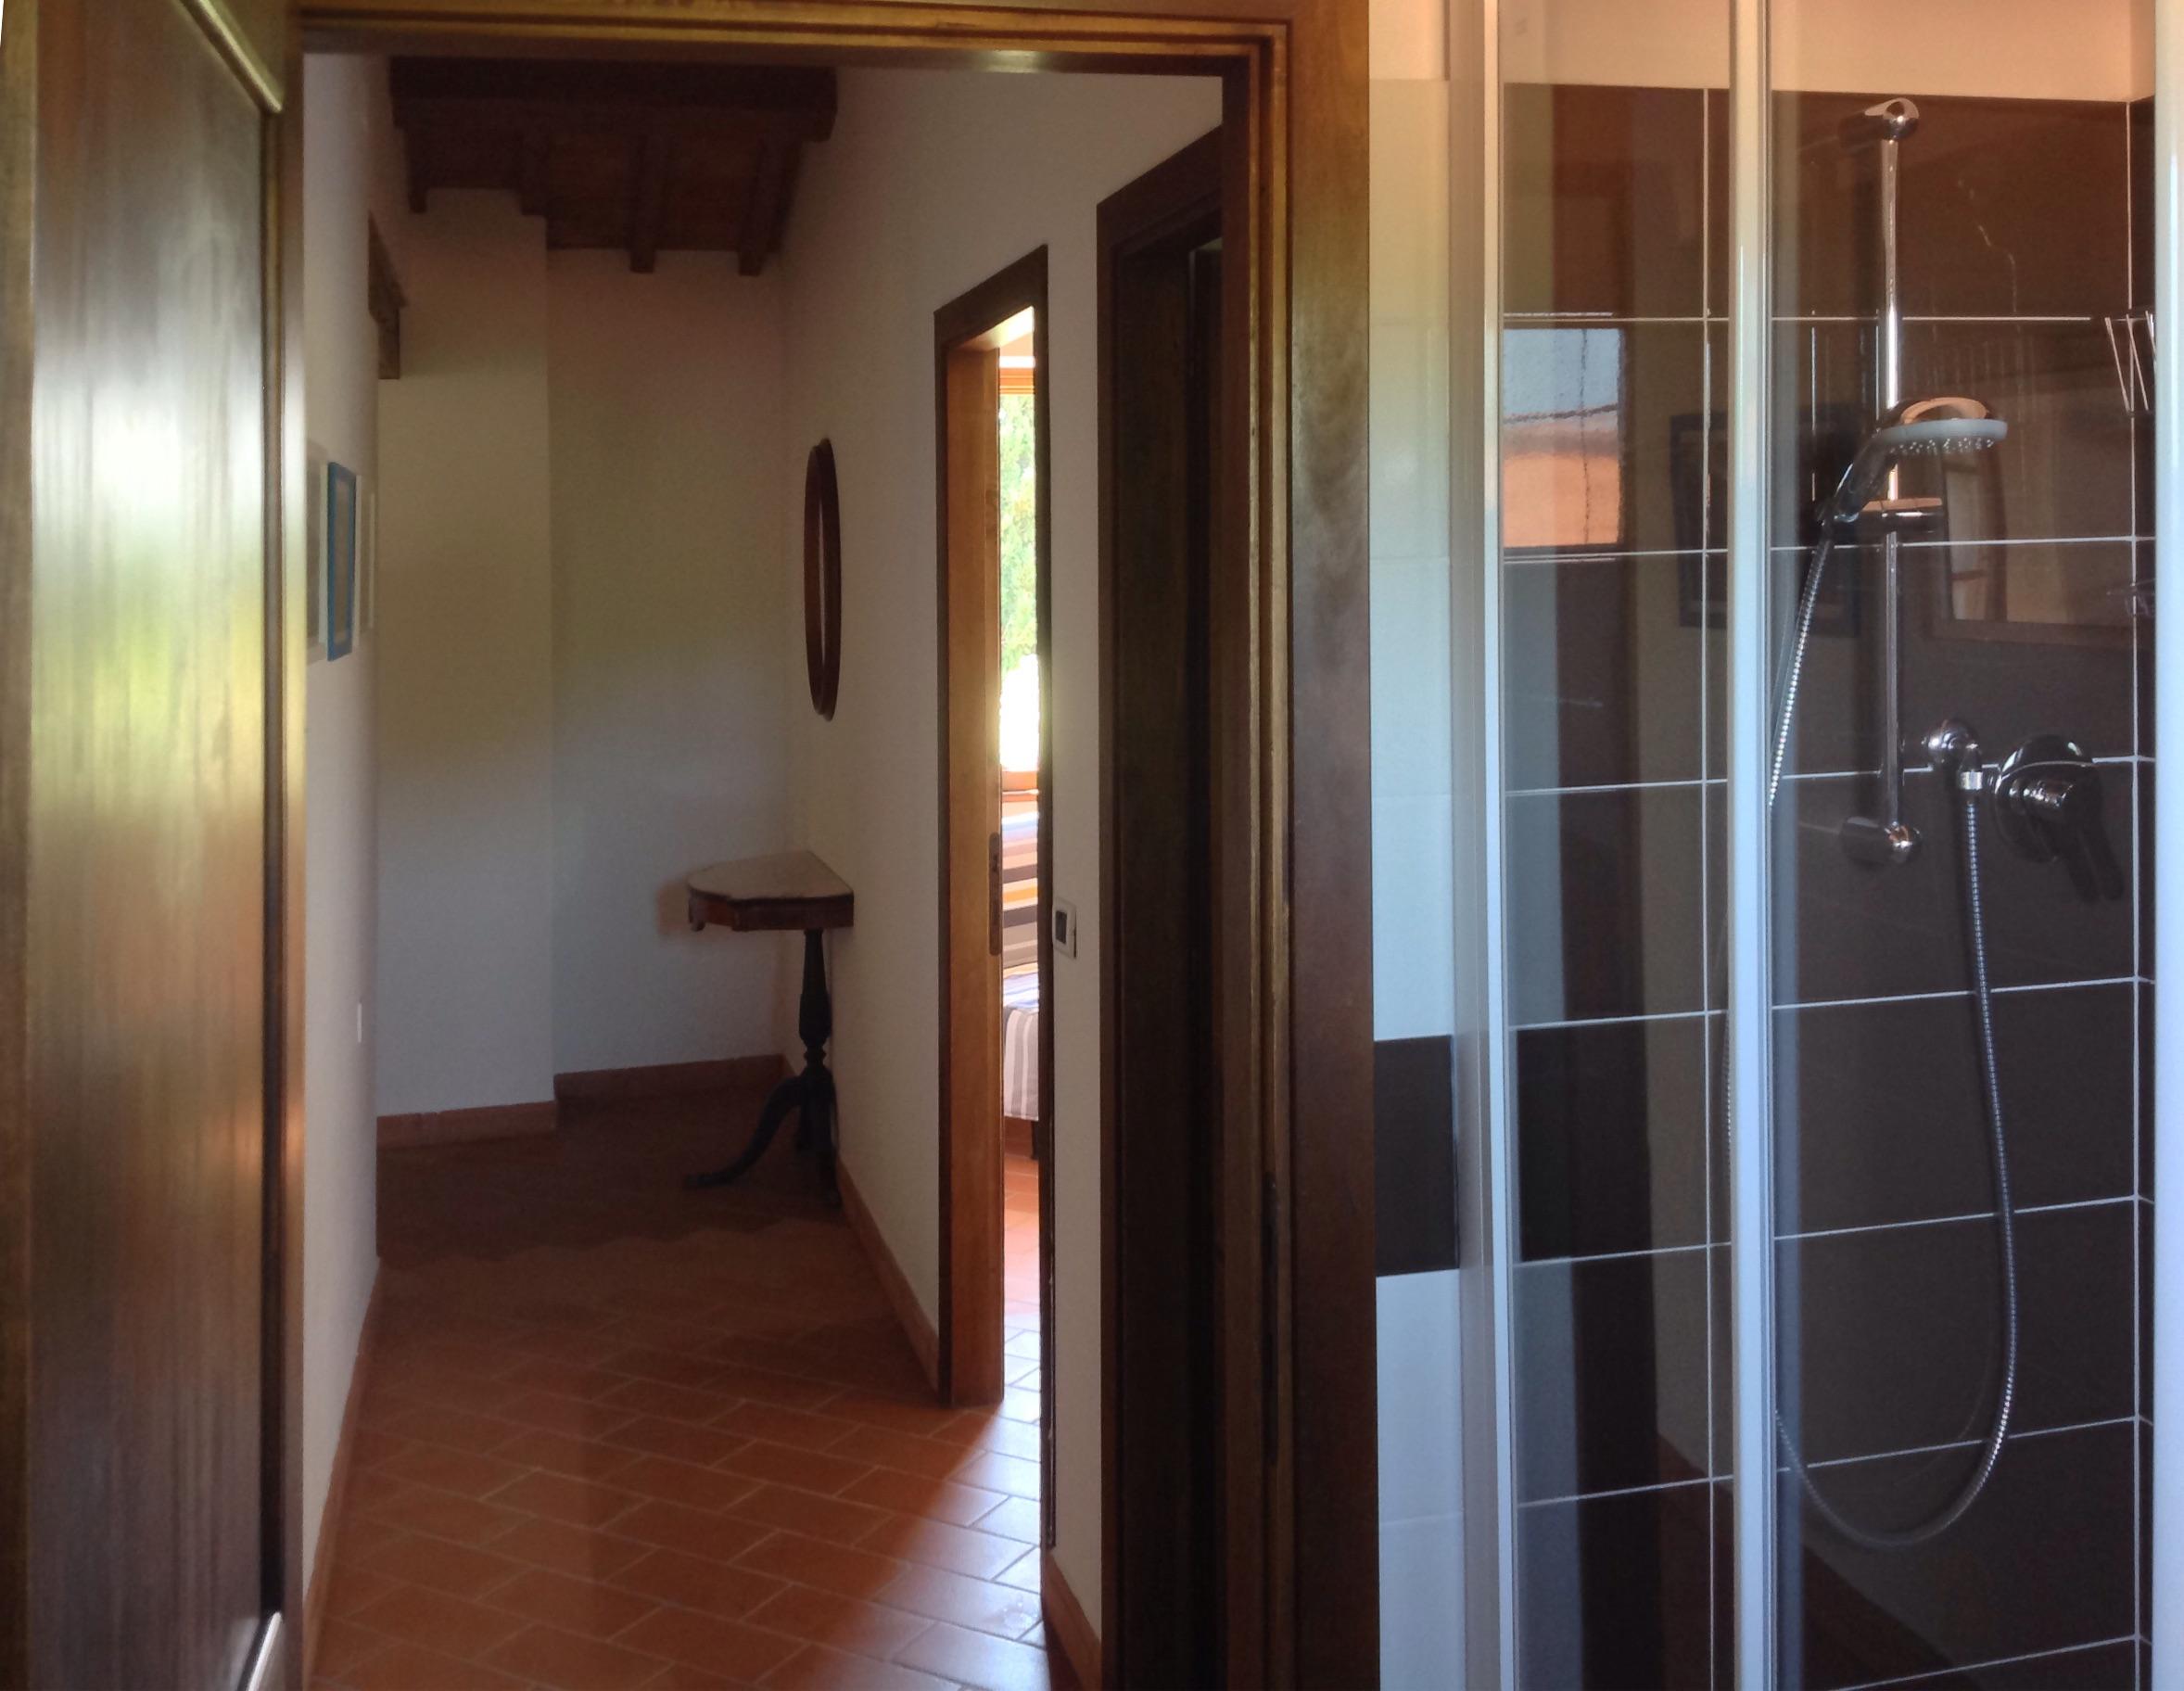 Appartamento con due camere da letto casa vacanze for Piccole planimetrie con due camere da letto